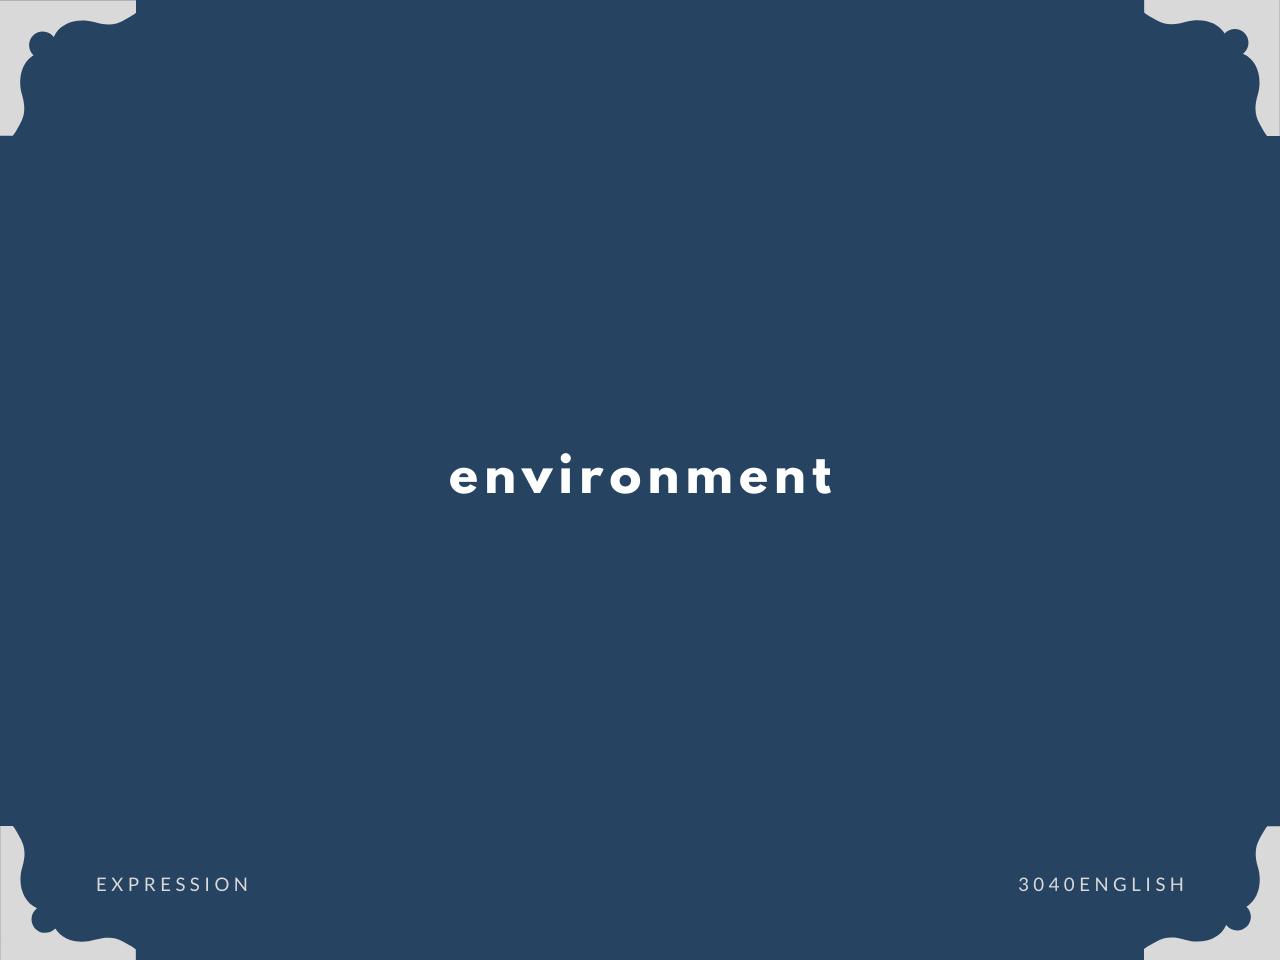 「環境」の英語表現【英会話用例文あり】